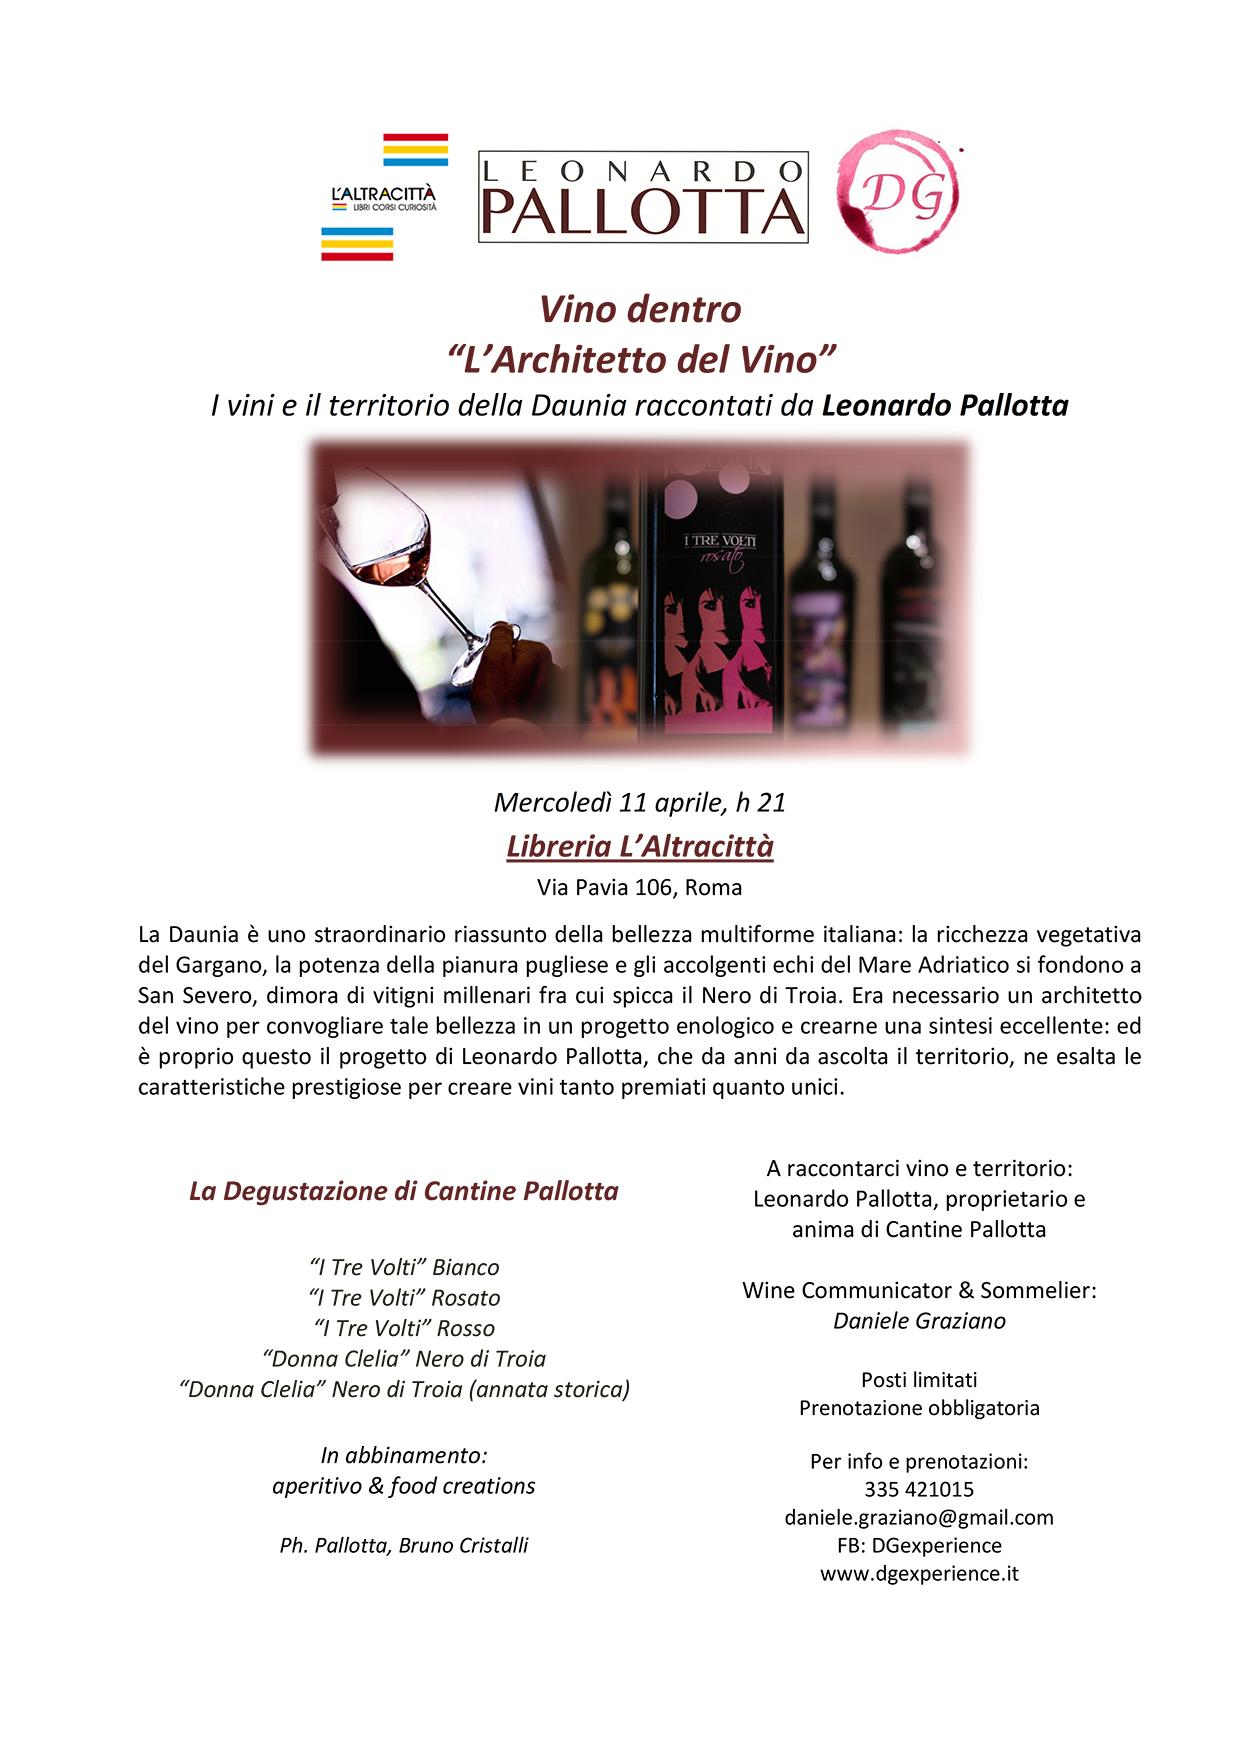 Microsoft Word - 11 aprile - L'Architetto del Vino